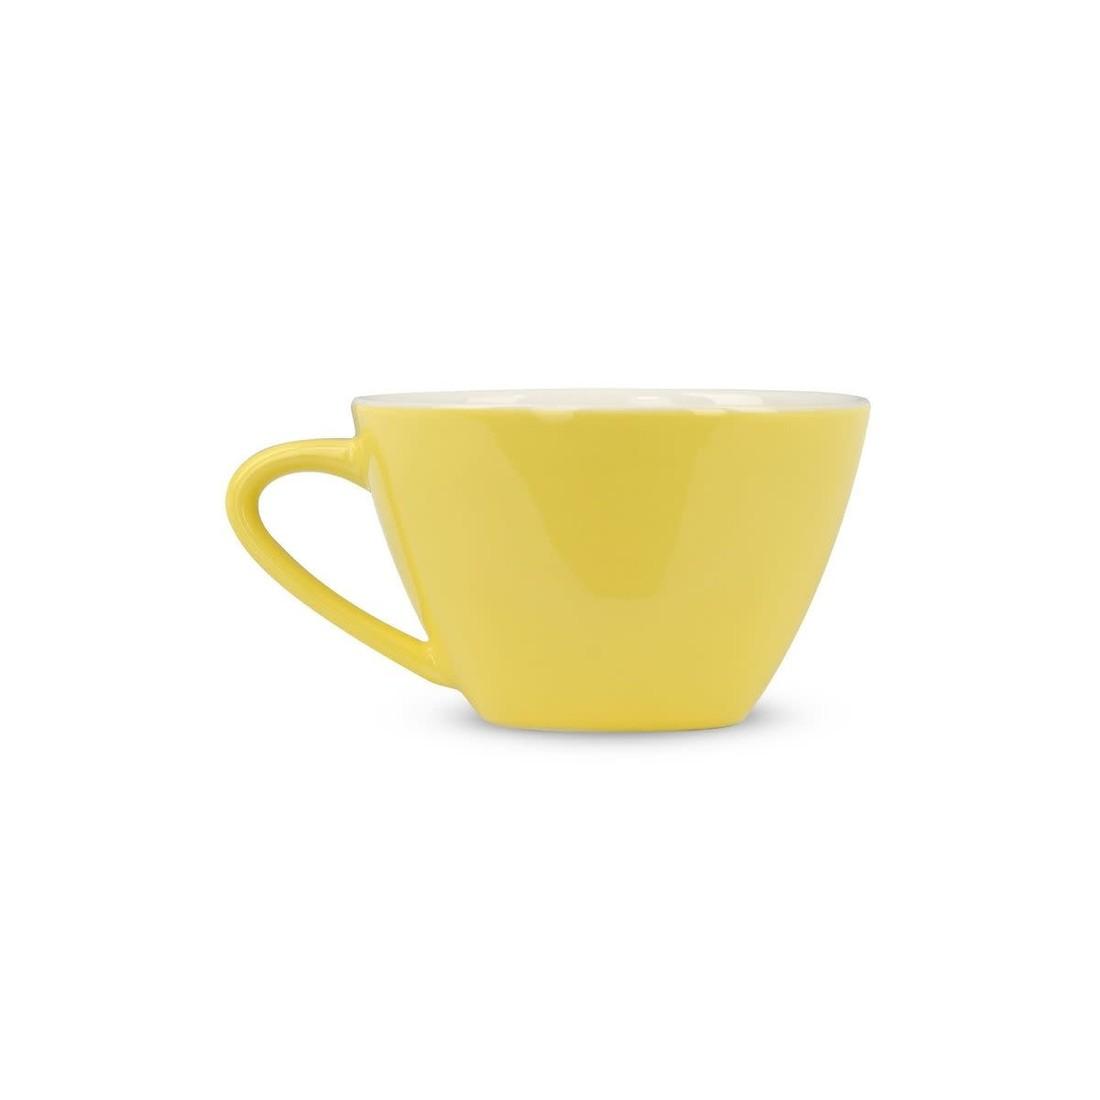 Rössler Porzellan Kaffeetasse 60s Revival gelb